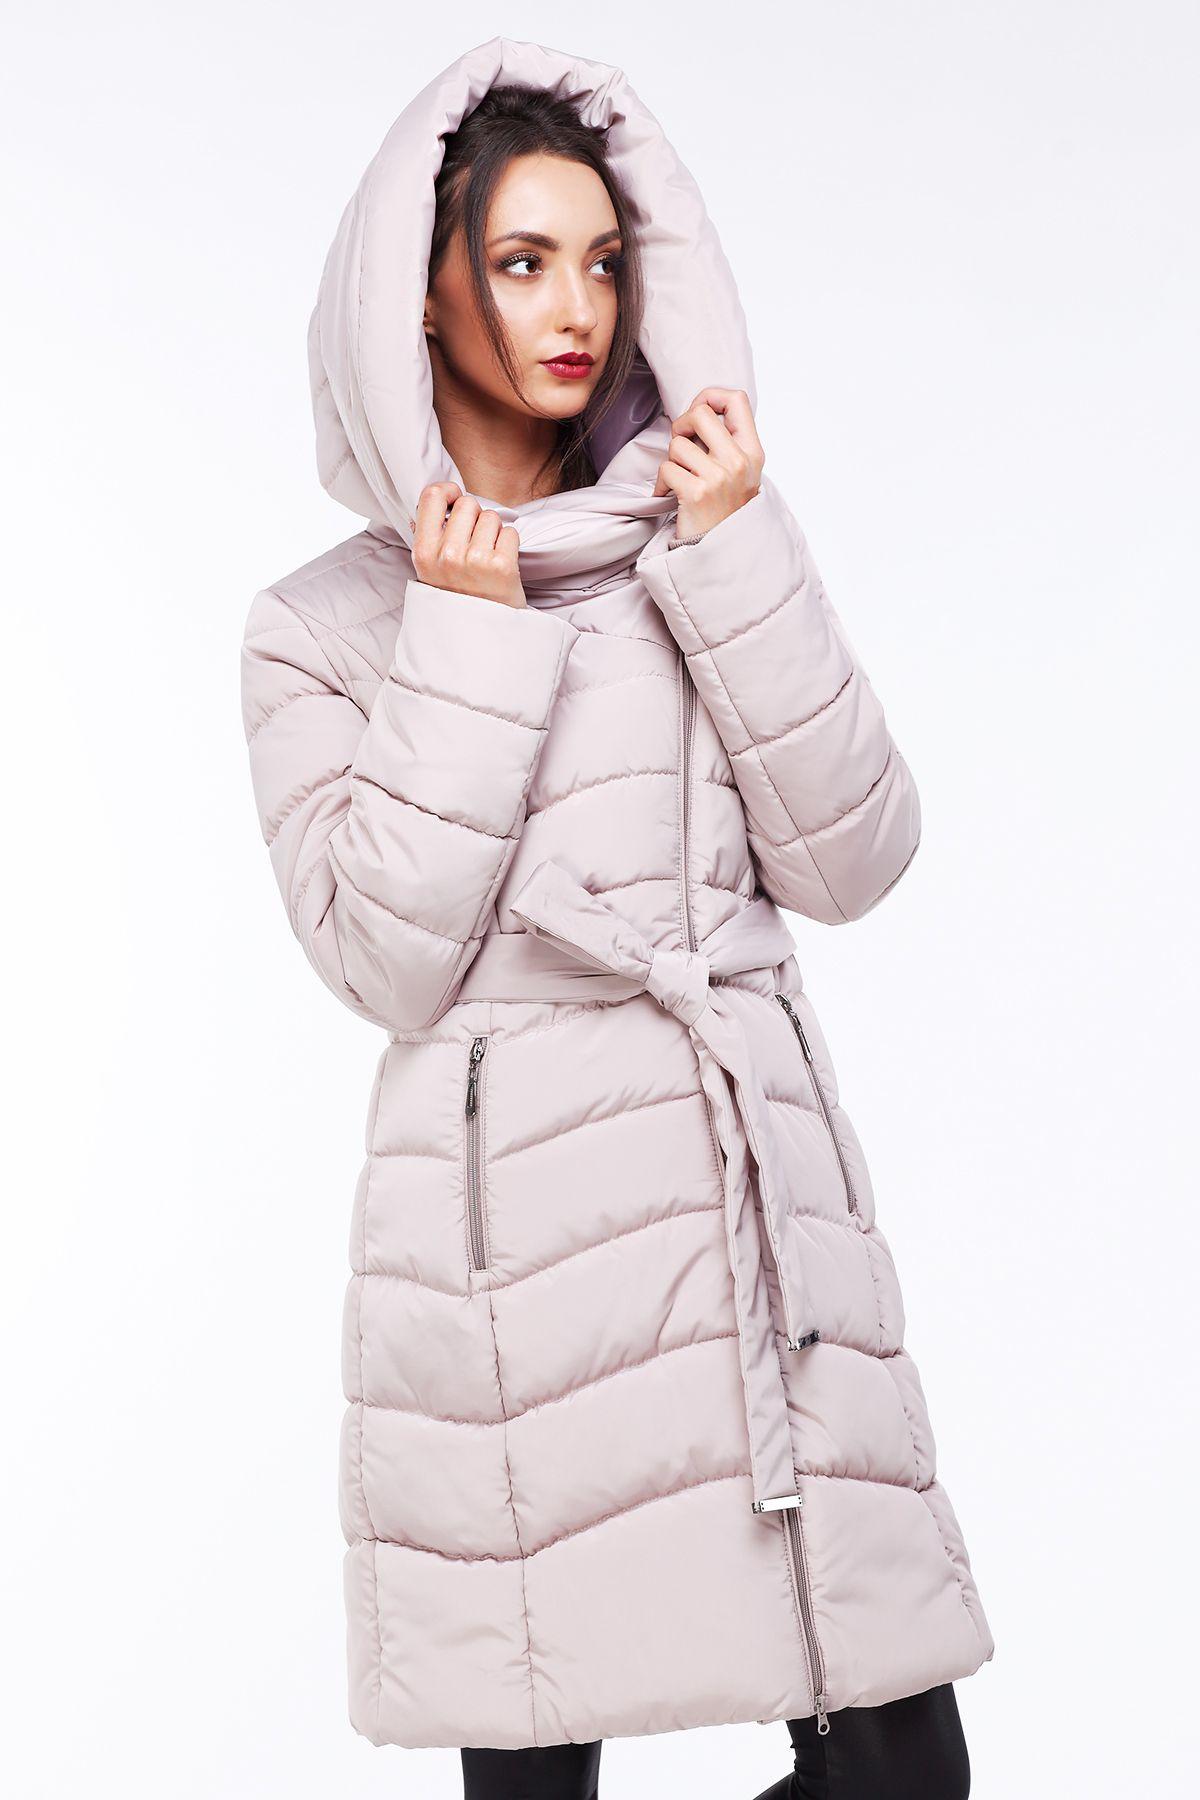 d532ee6eeaf Женское зимнее пальто пуховик Альмира от Nui Very - кремовый пуховик ...